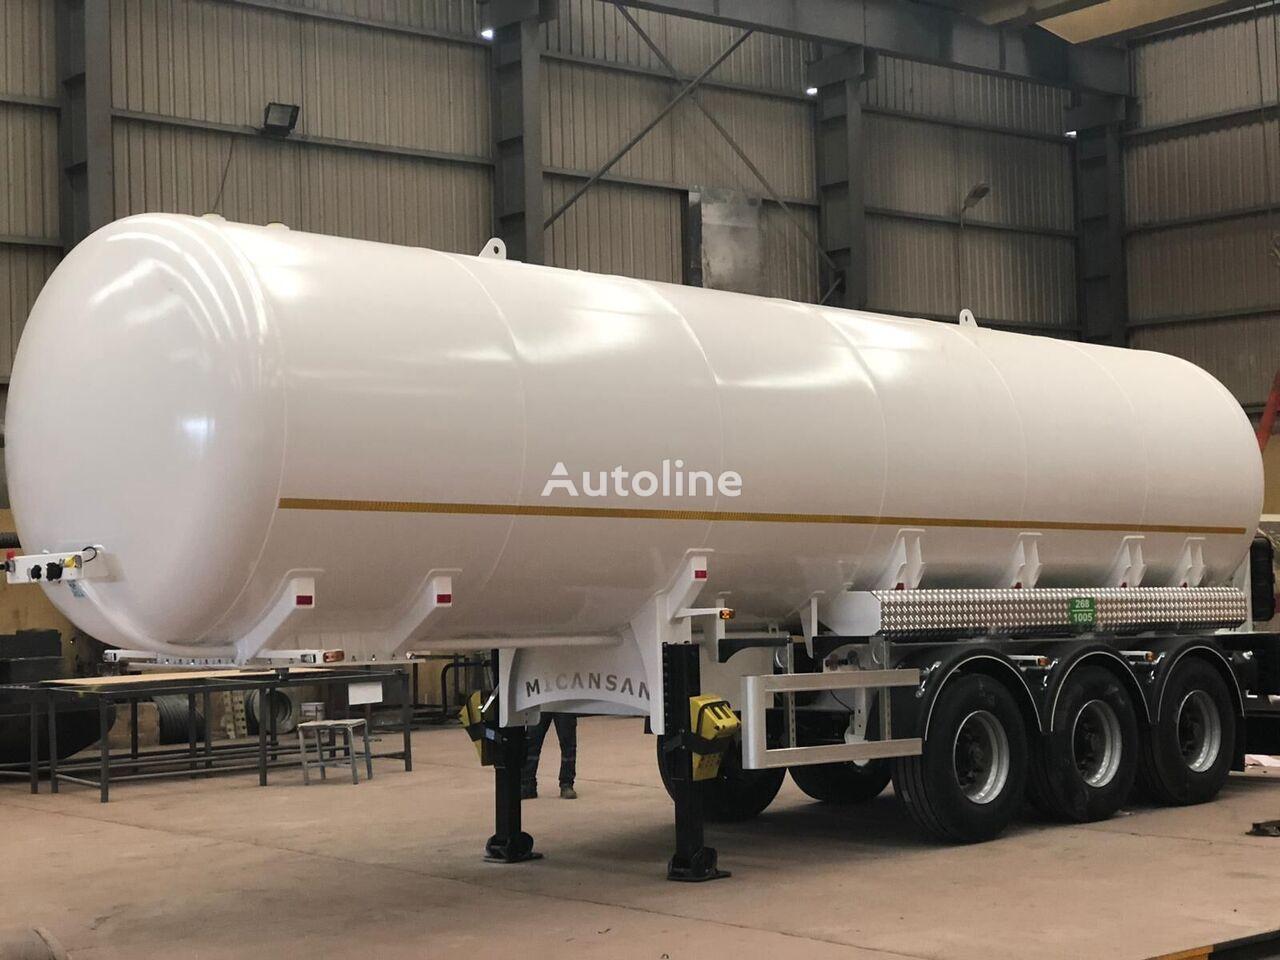 naujas dujų cisterna Micansan 2020 45 m3 excellent product 3 axles 6 tıres